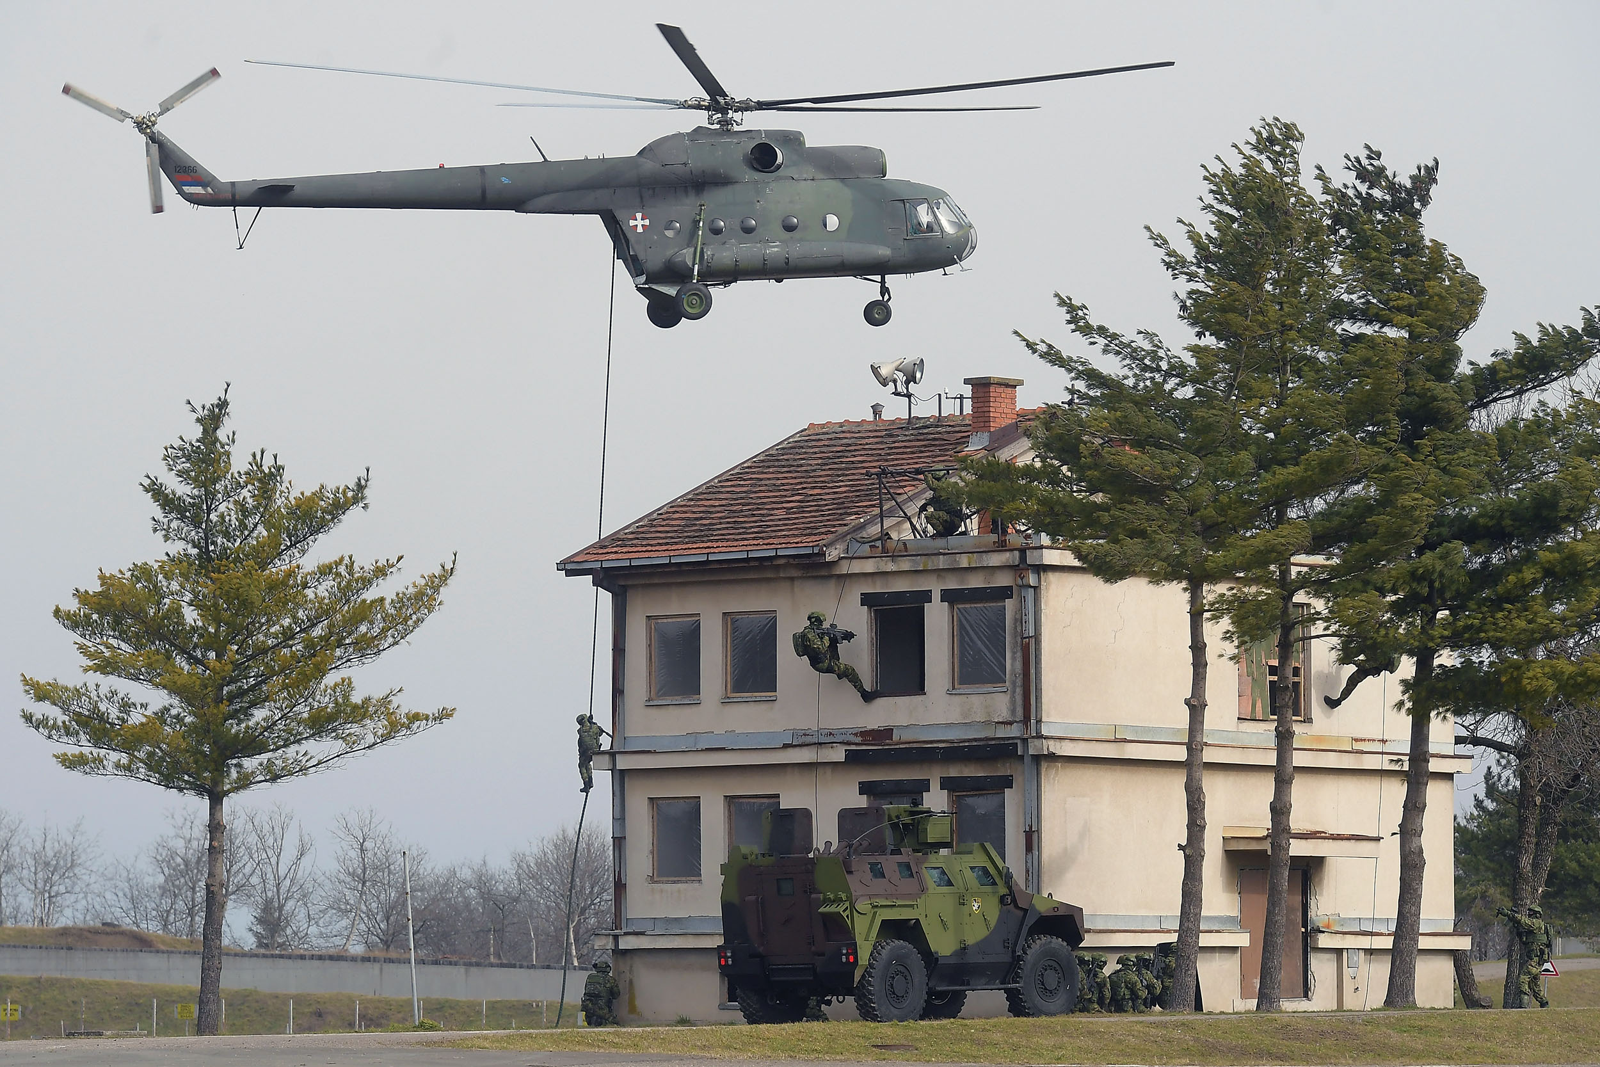 fegyver van, kell a katona: hamarosan visszaállítják a kötelező katonai szolgálatot szerbiában FEGYVER VAN, KELL A KATONA: Hamarosan visszaállítják a kötelező katonai szolgálatot Szerbiában hadsereg katona szolgalat